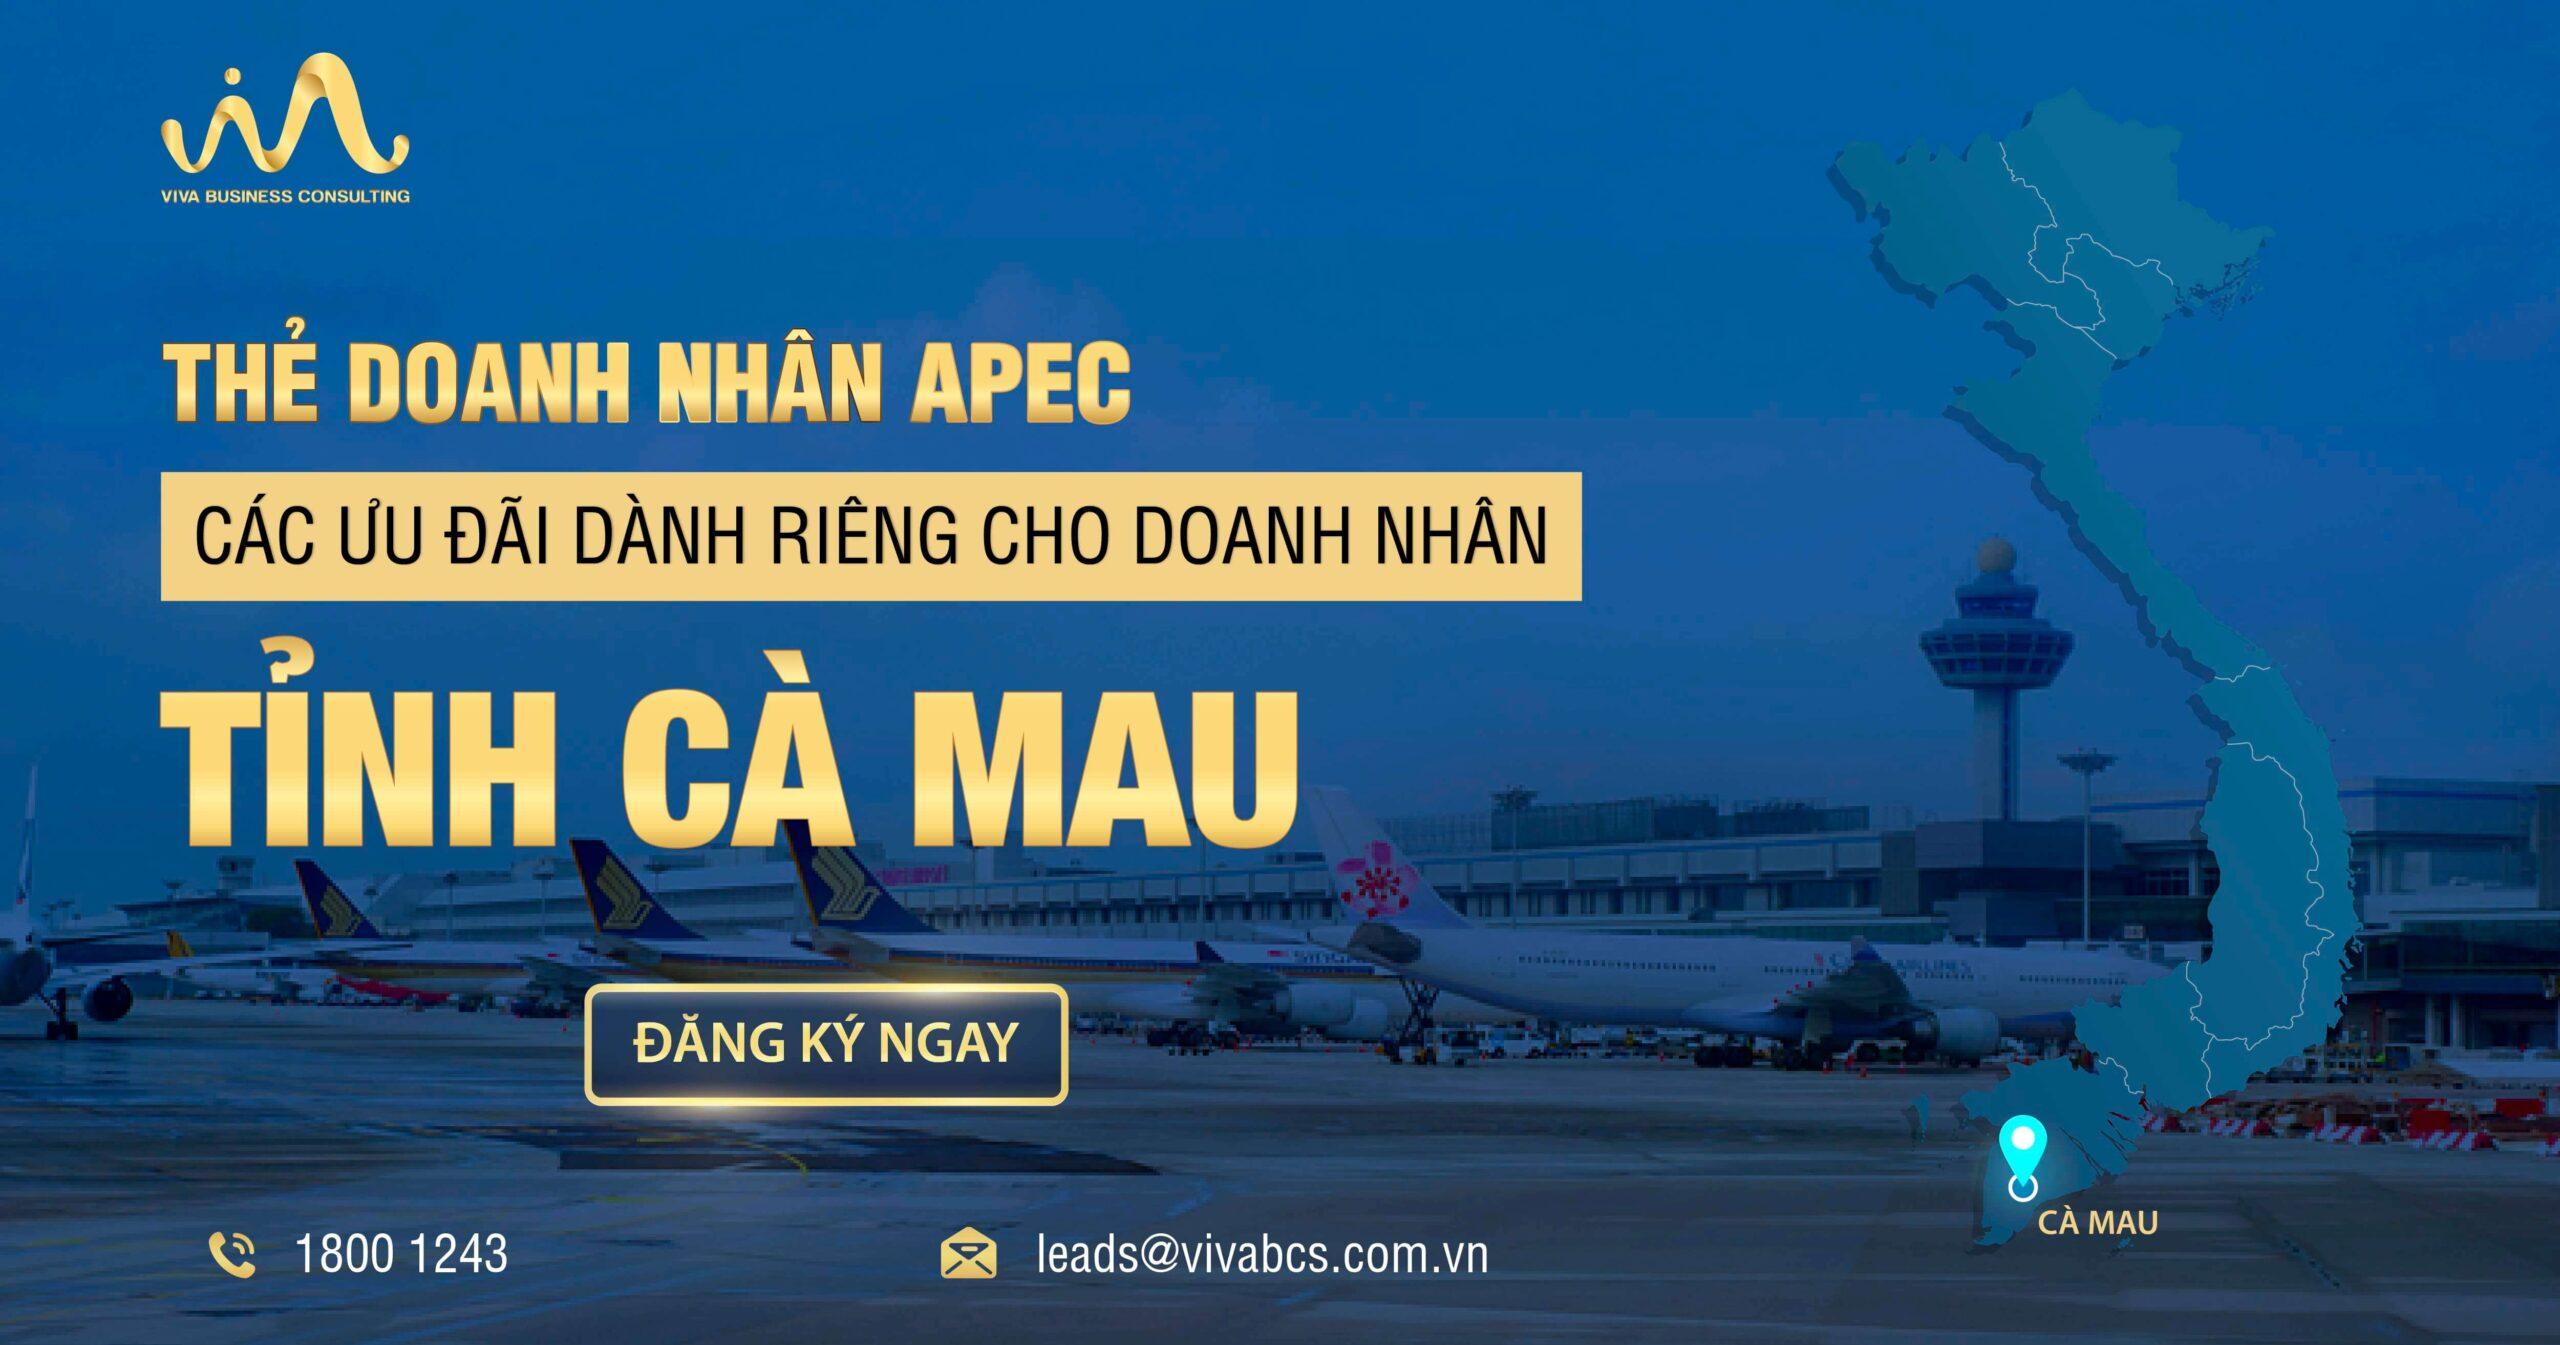 Chương trình thẻ APEC dành riêng cho doanh nhân Cà Mau